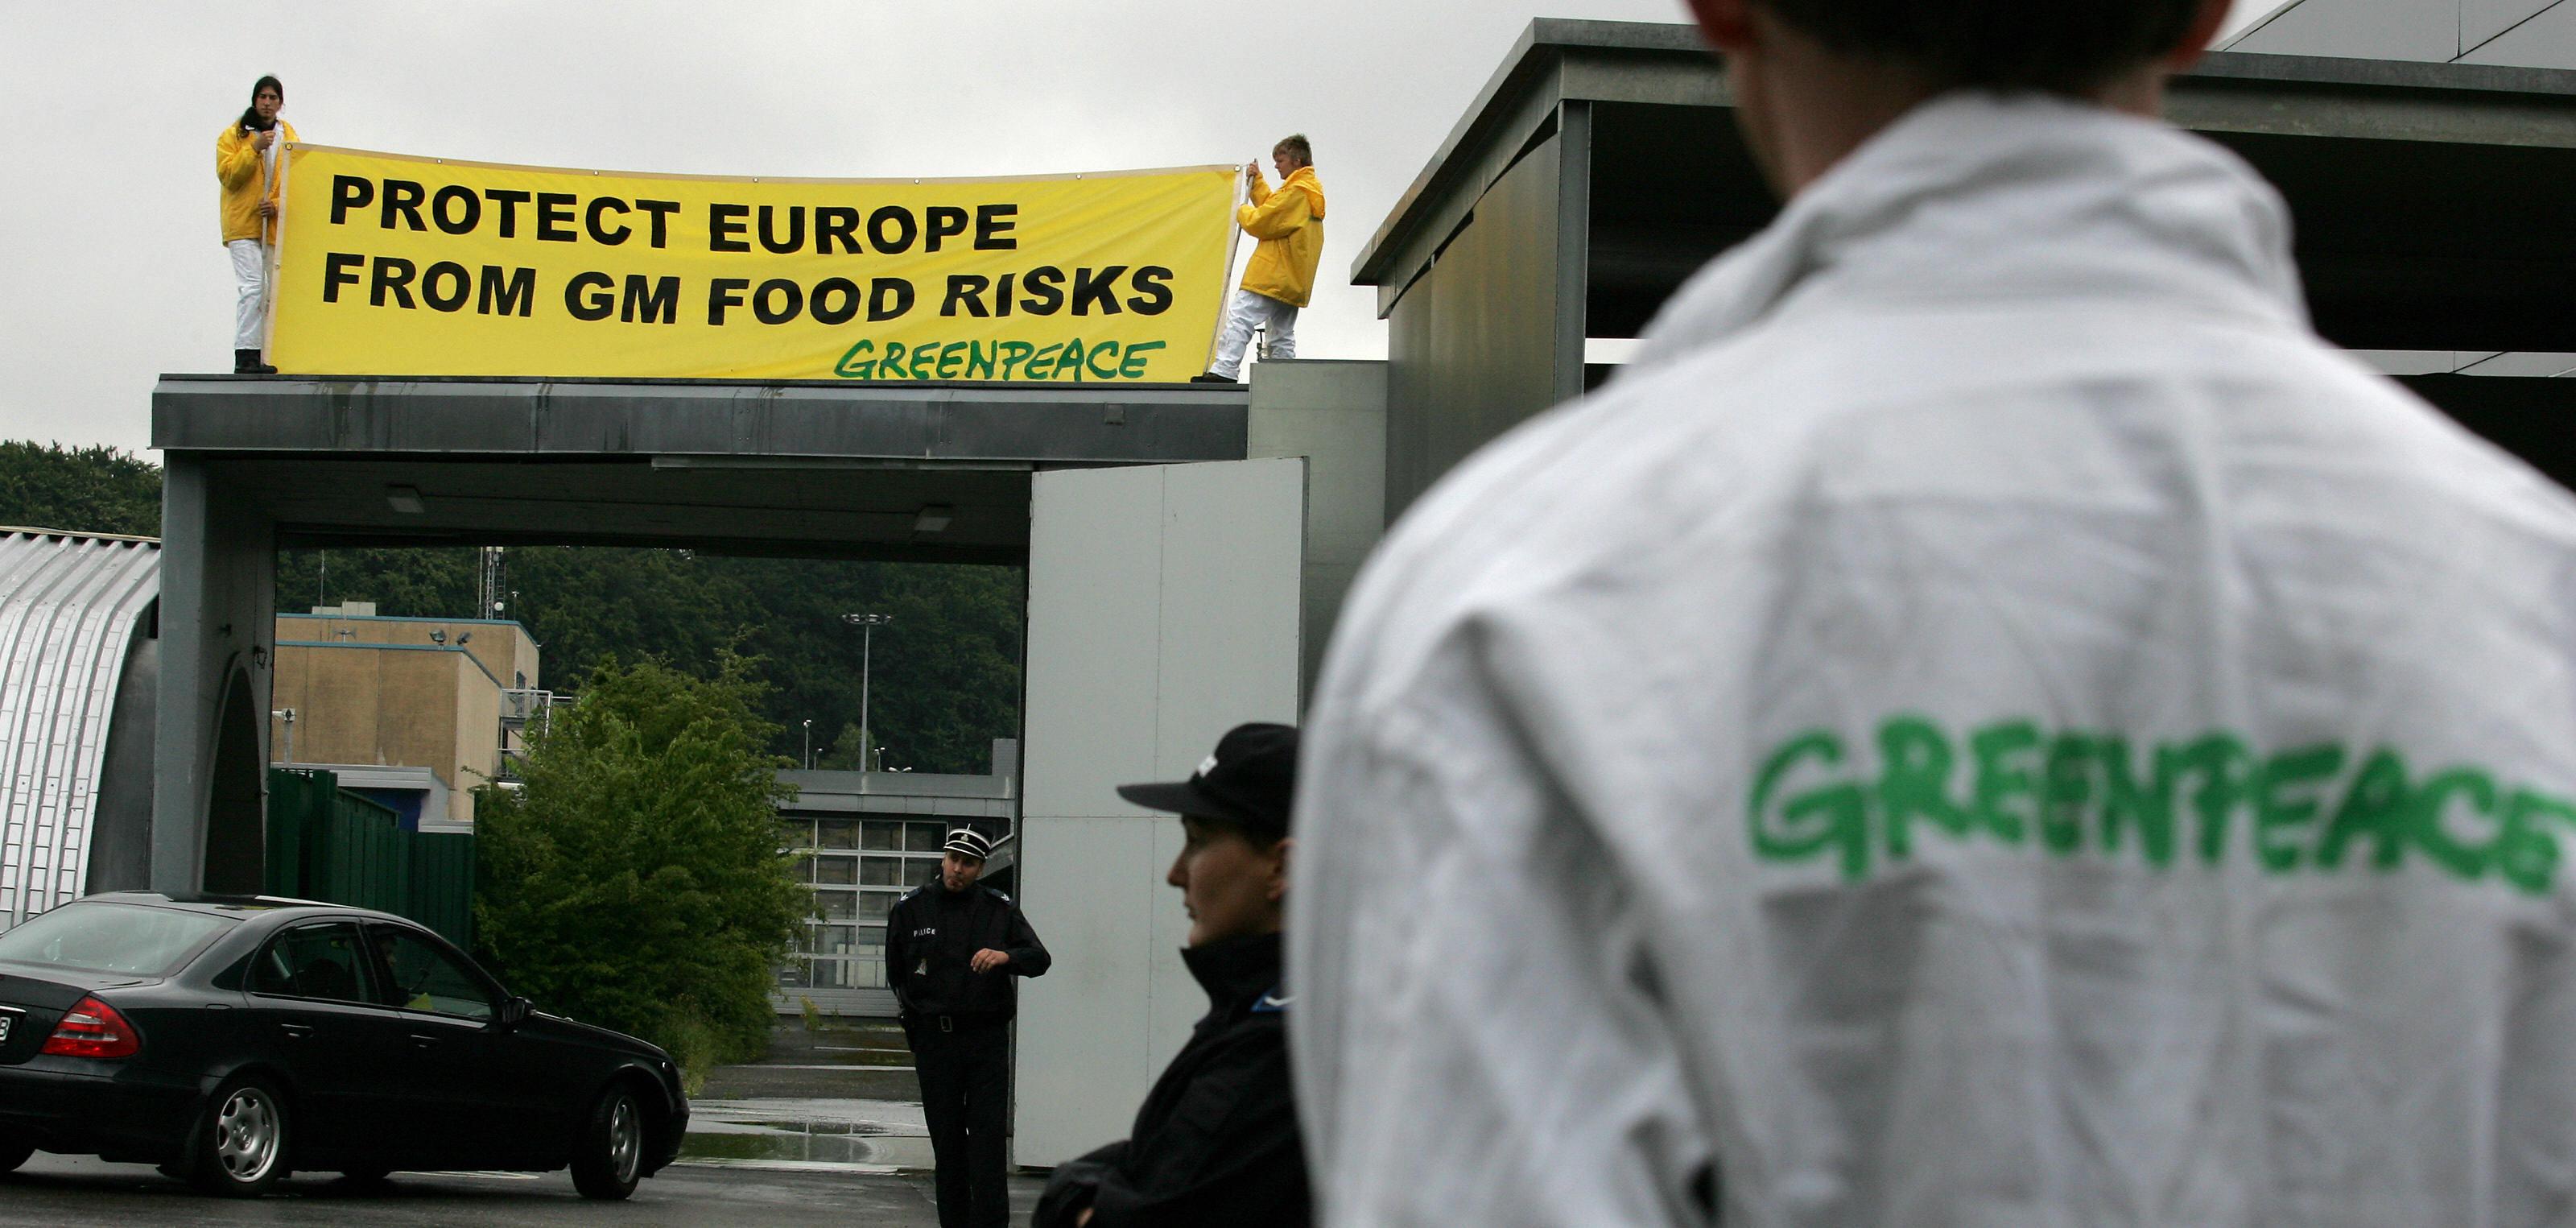 greenpeace gmo